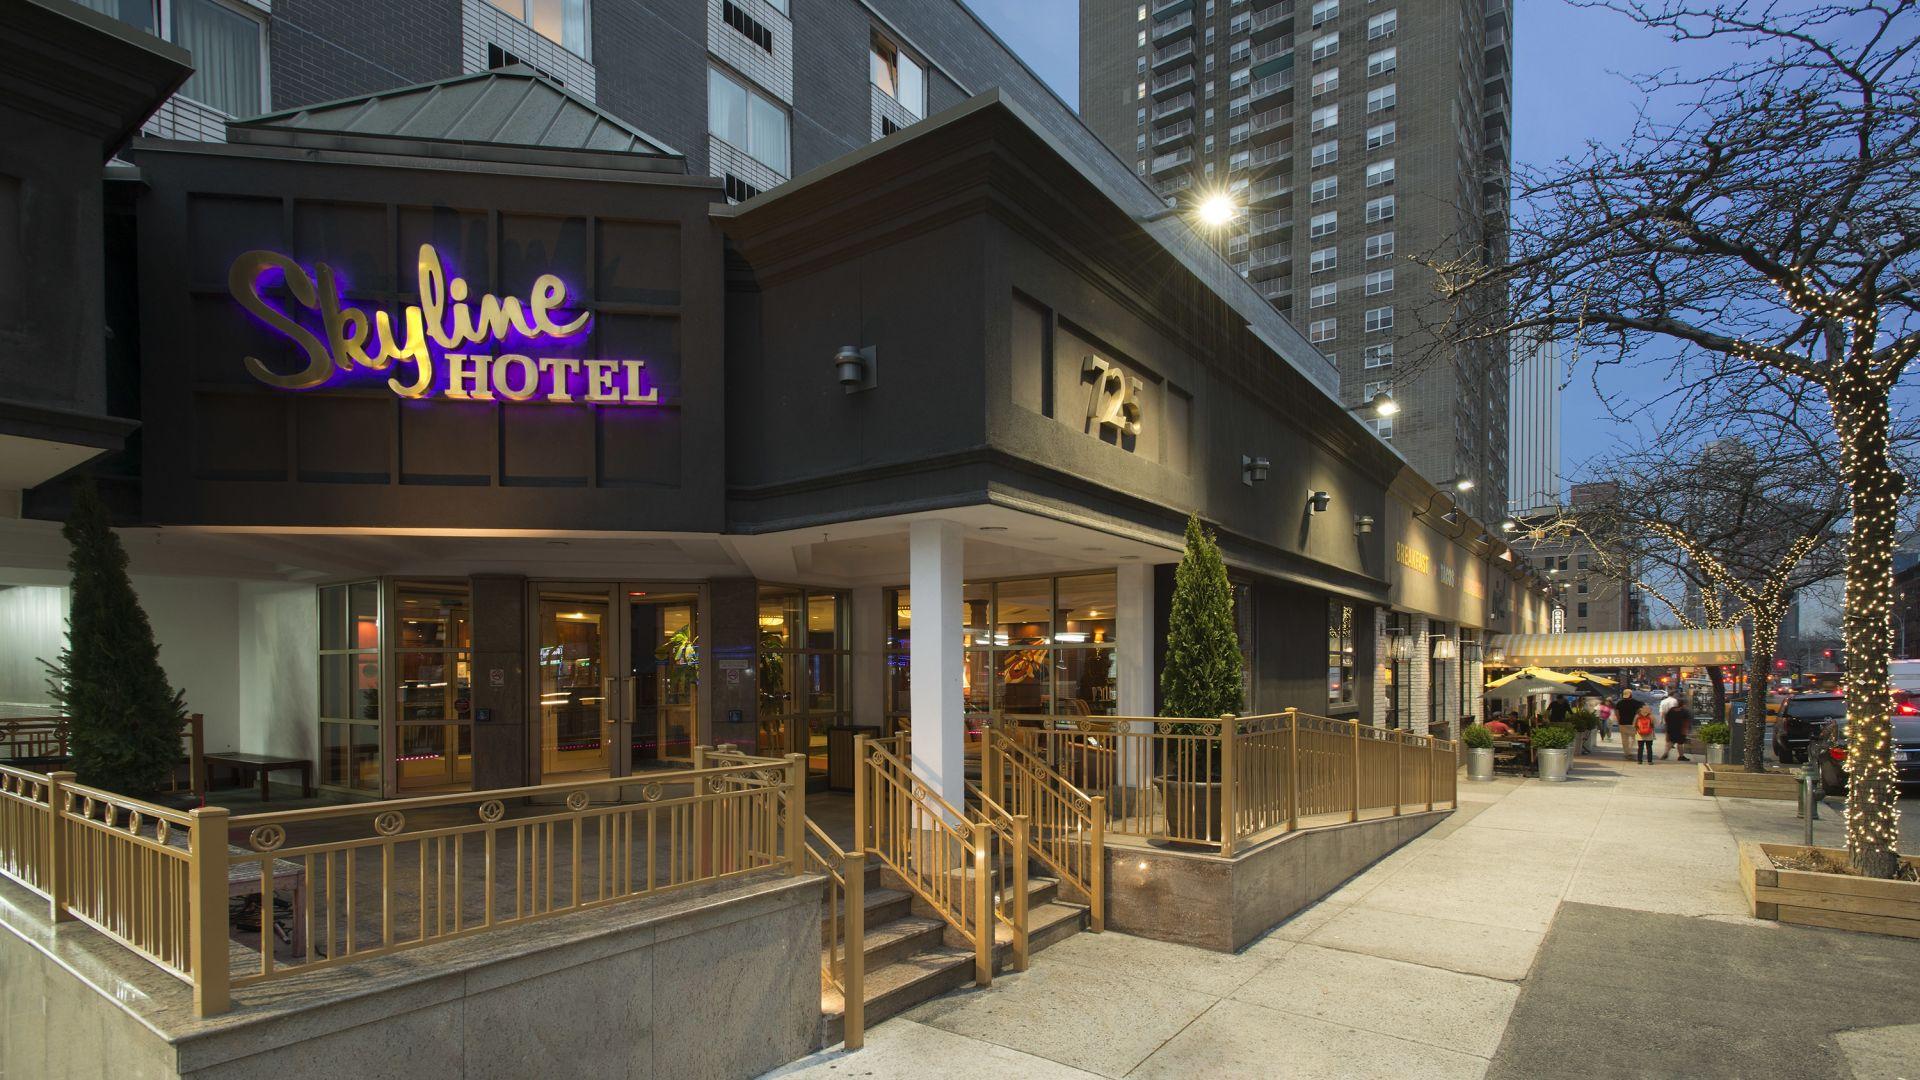 Midtown Manhattan Hotel | Skyline Hotel